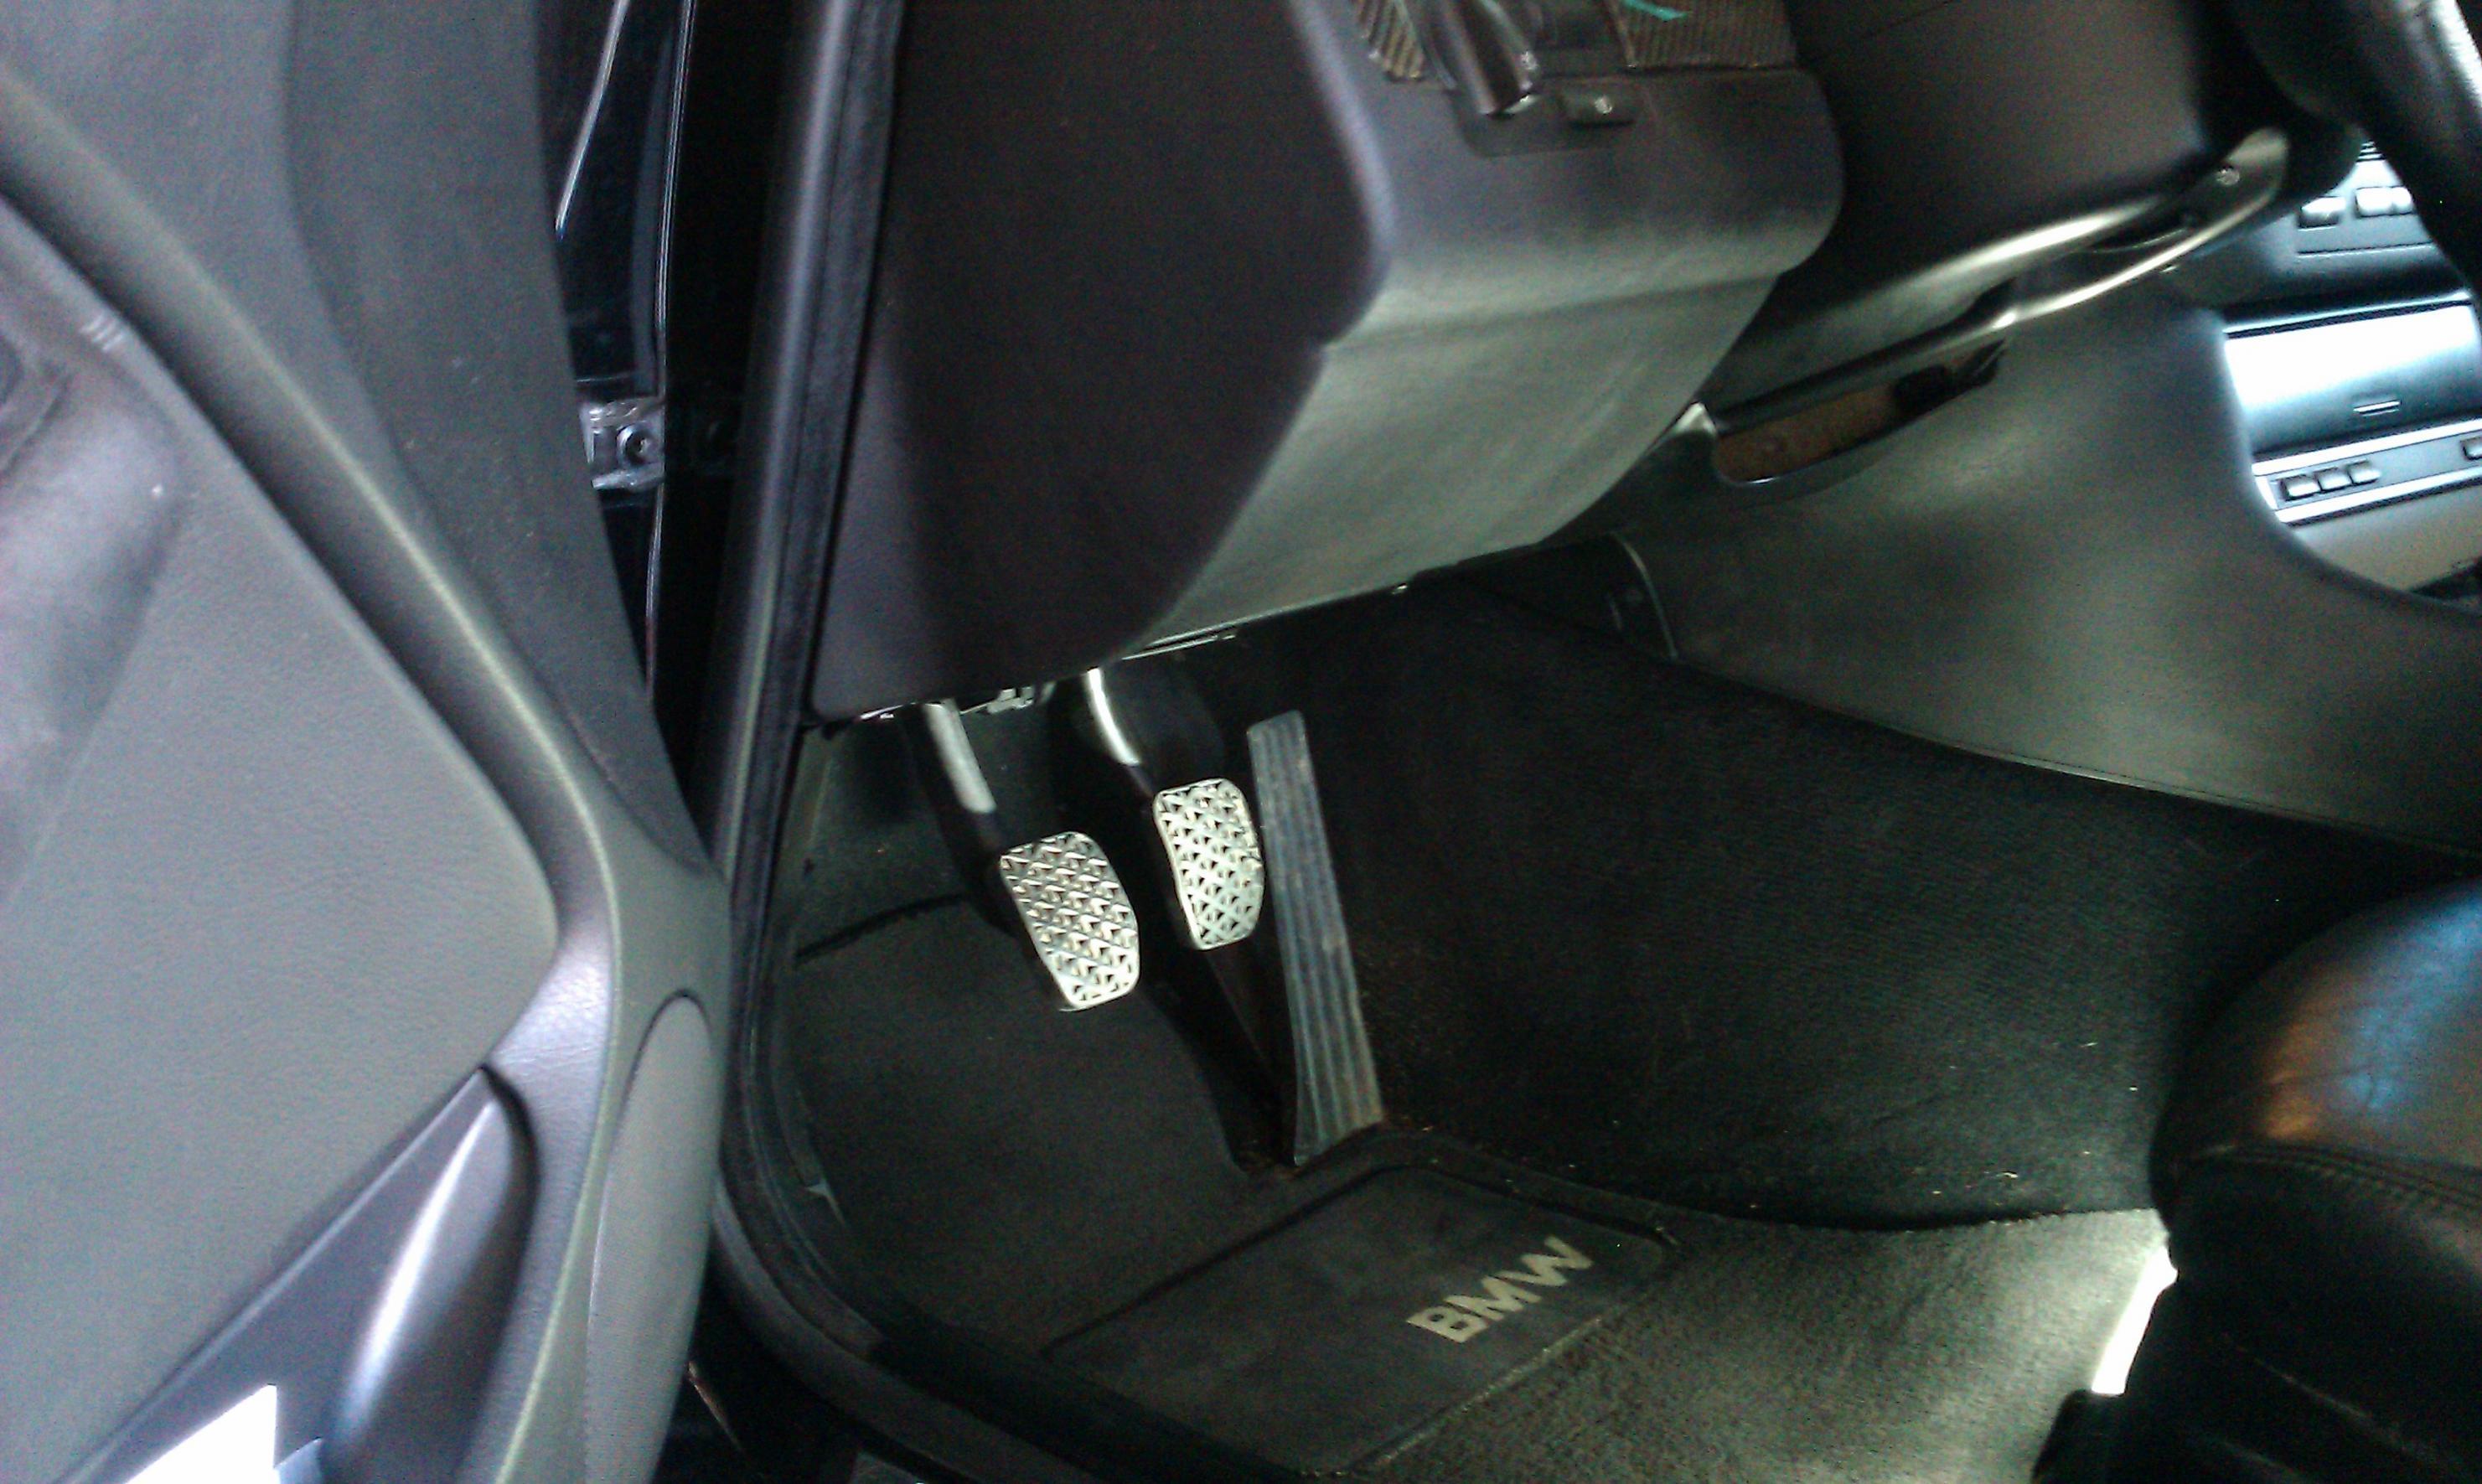 hidden pistol in car-imag0937.jpg